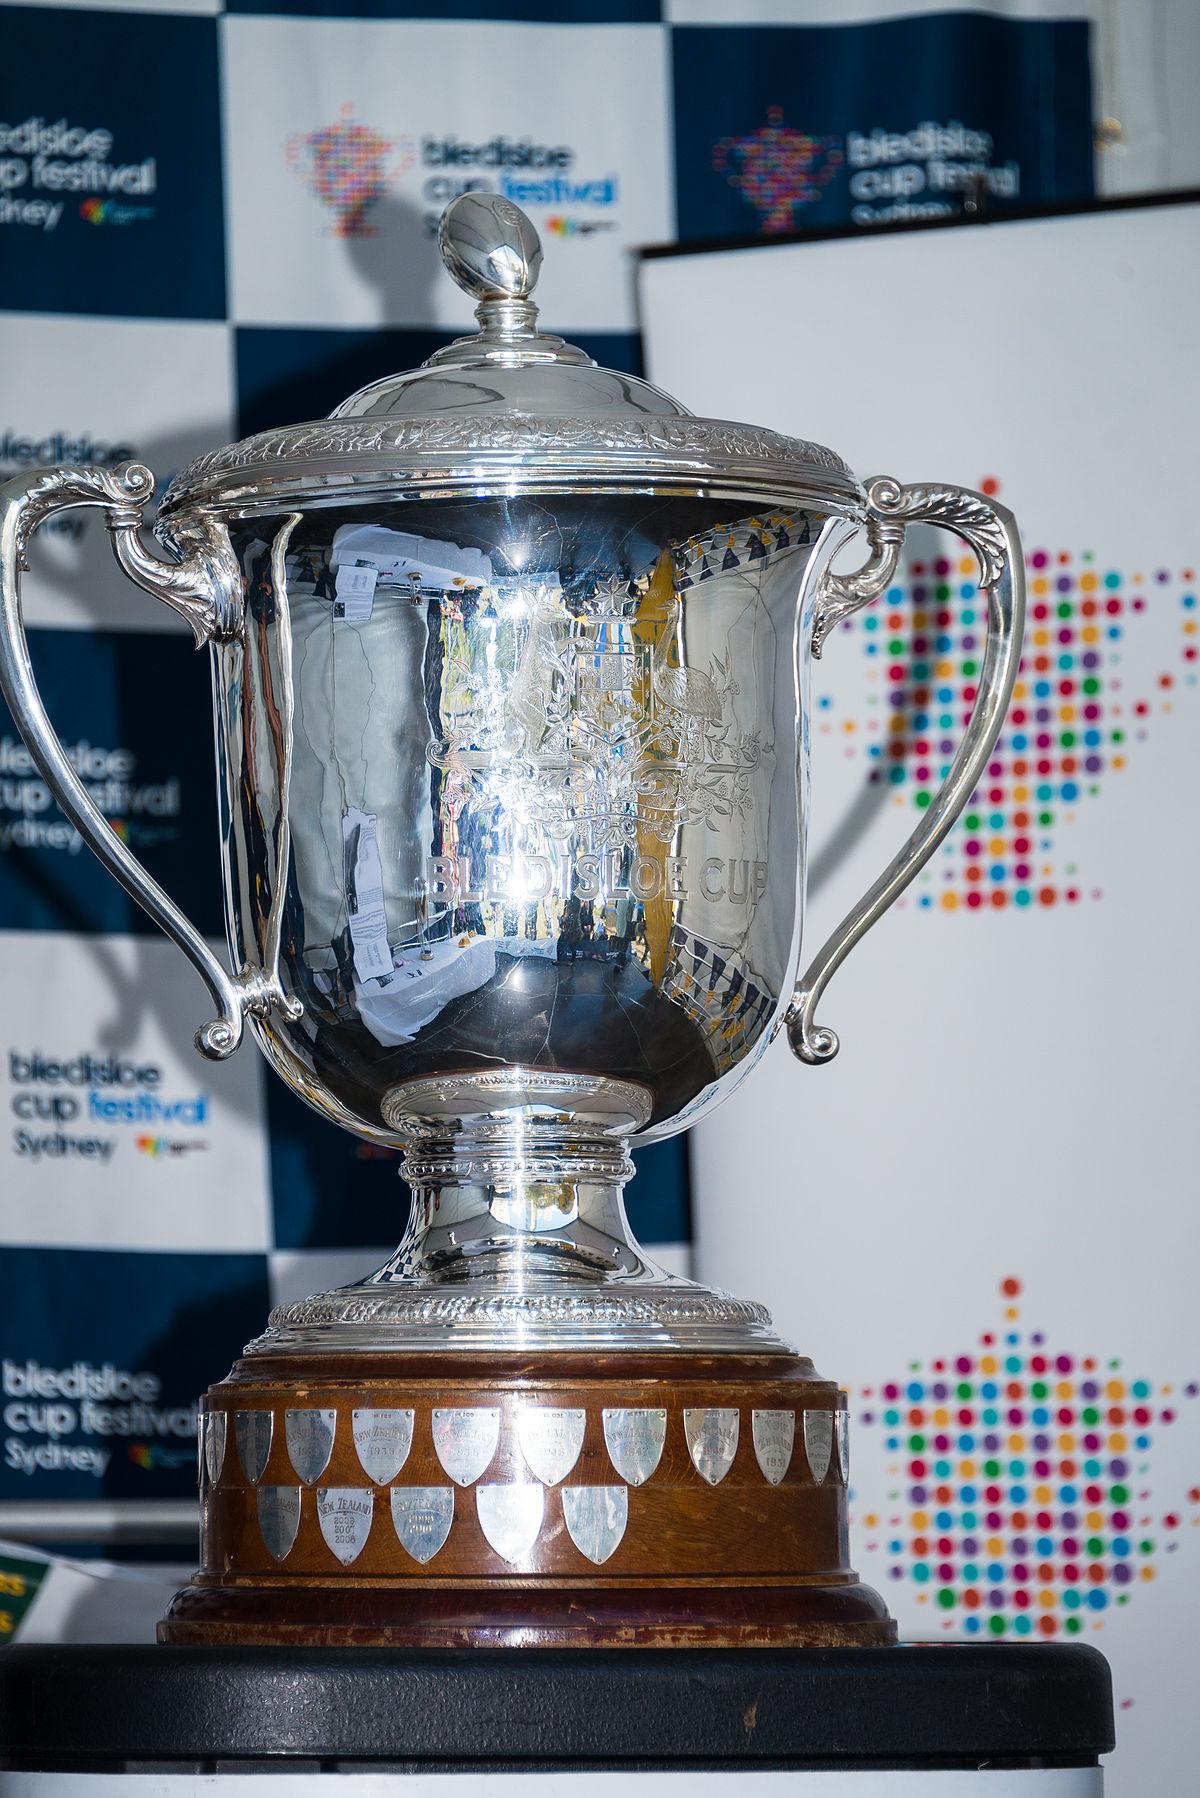 Bledisloe Cup Tour Dates